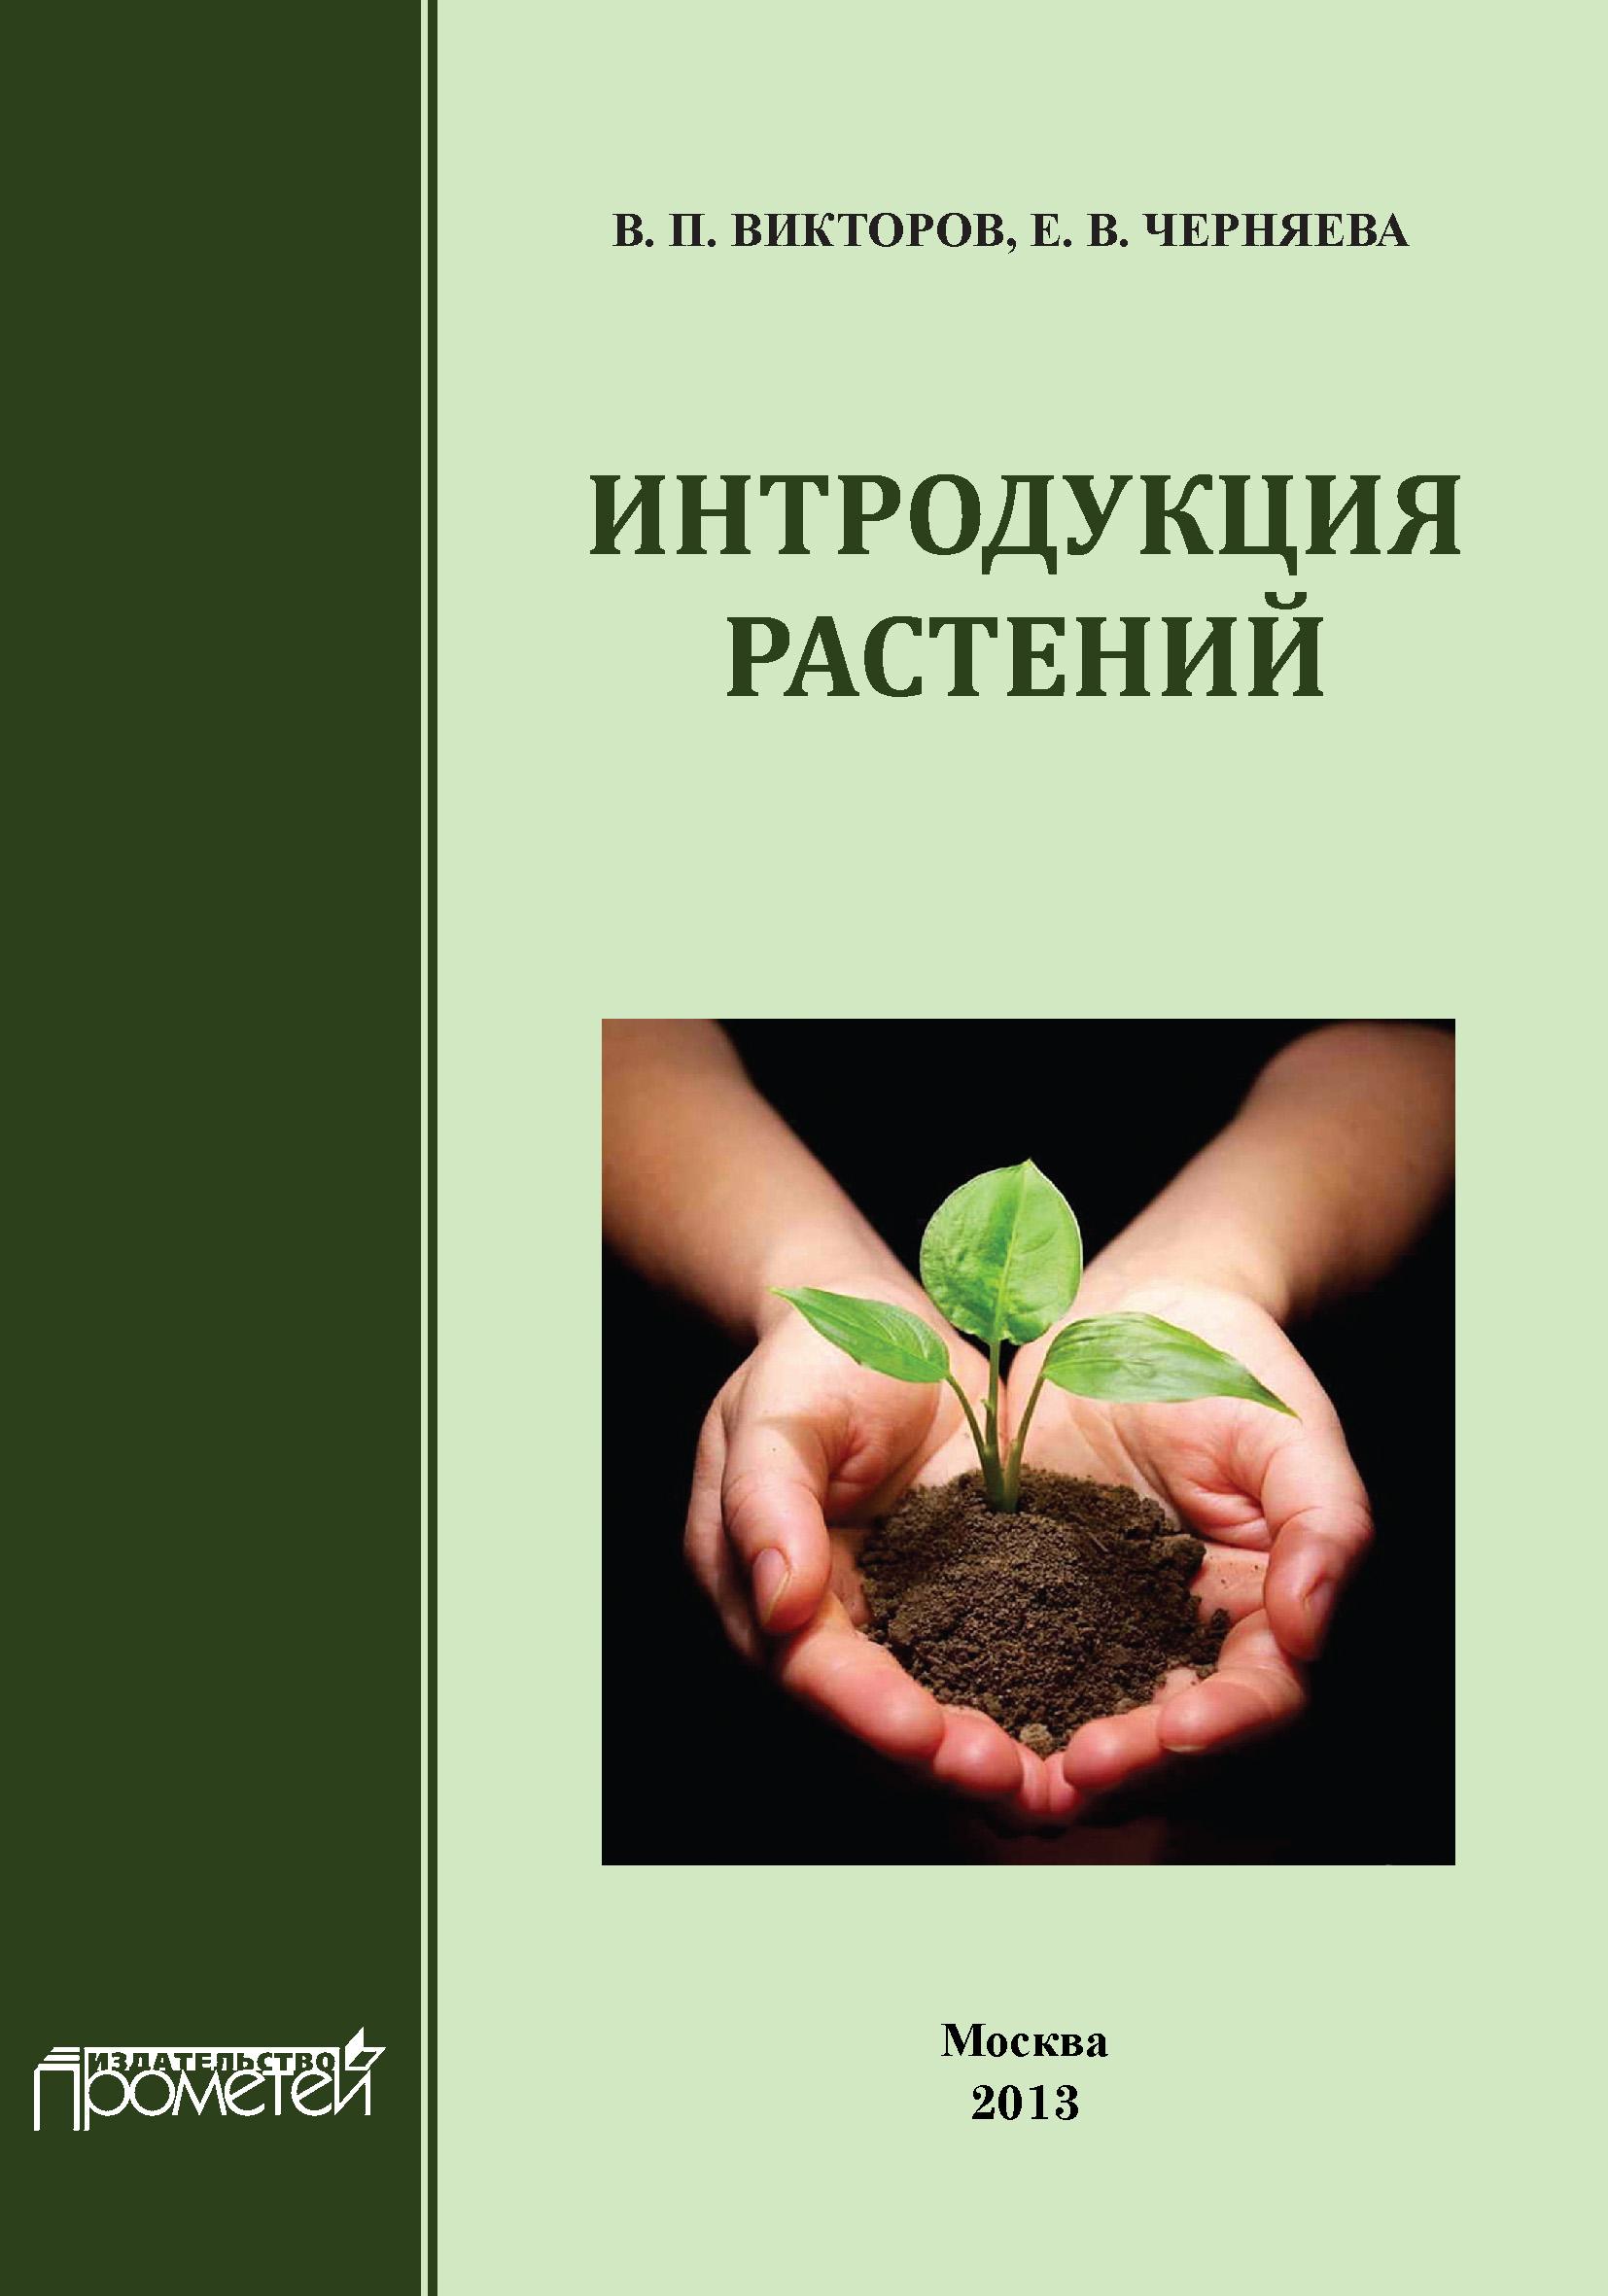 Интродукция - это что такое? интродукция животных и растений. интродукция в музыке